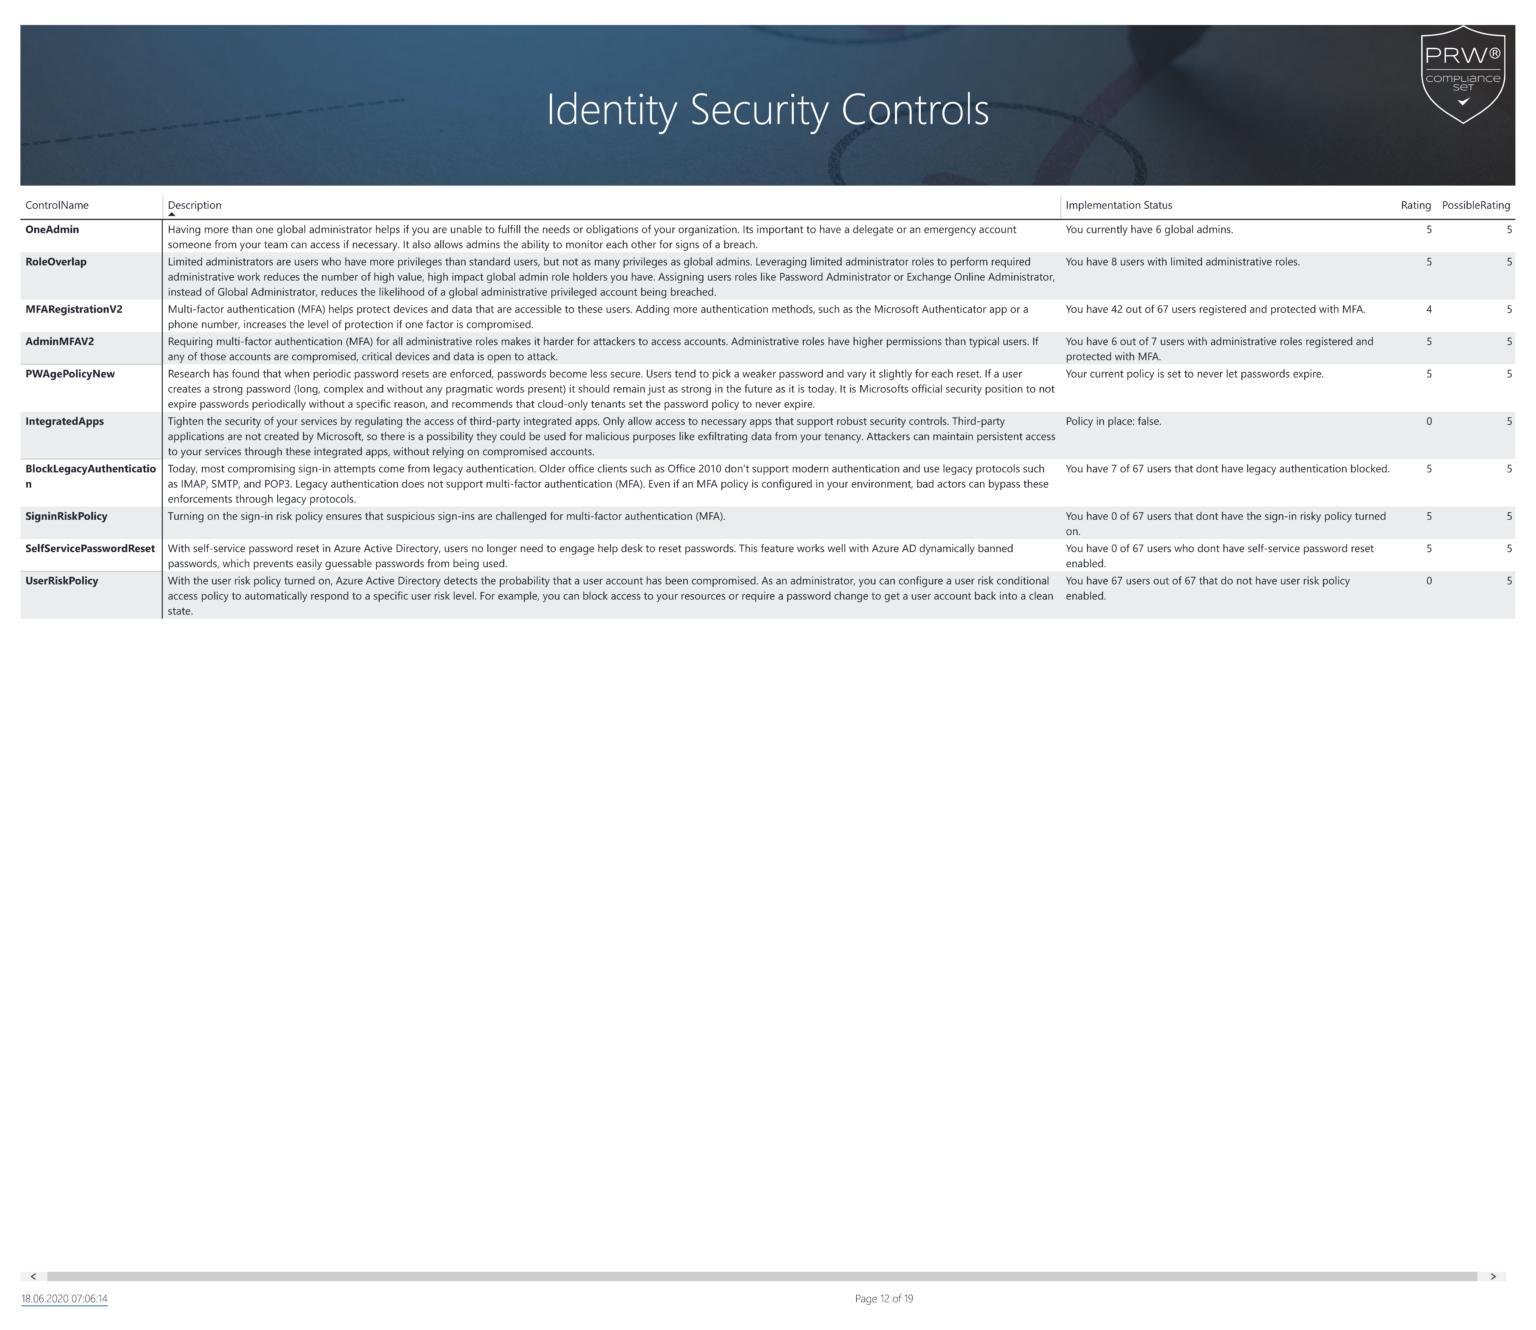 Microsoft Protection Analysis_Seite_04